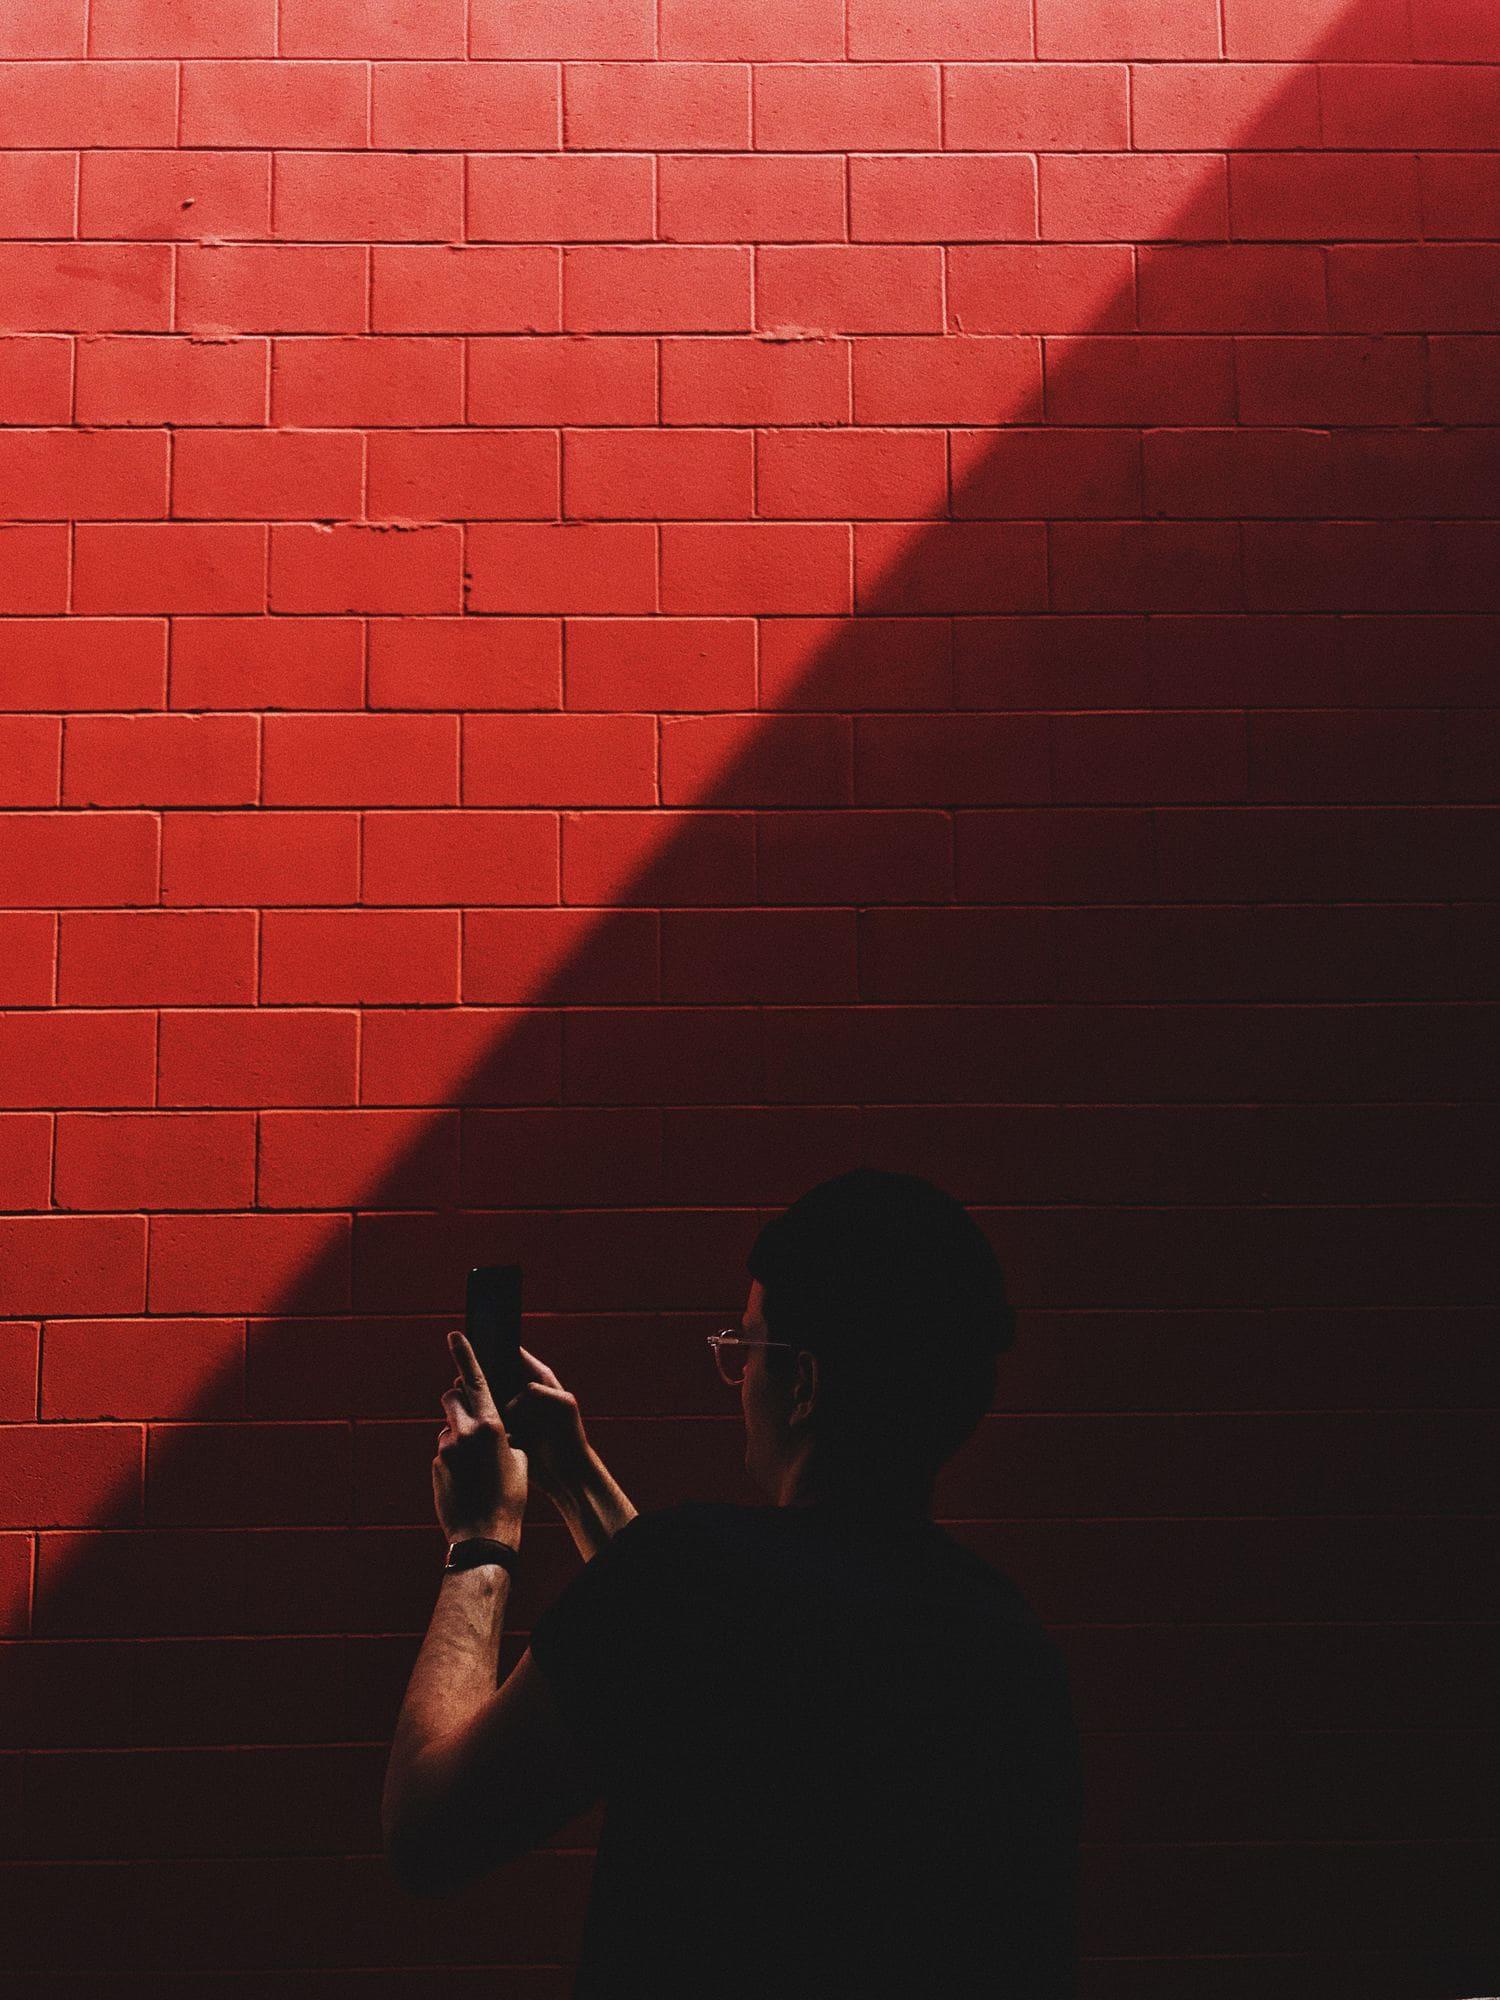 fotografía móvil hombre muro rojo